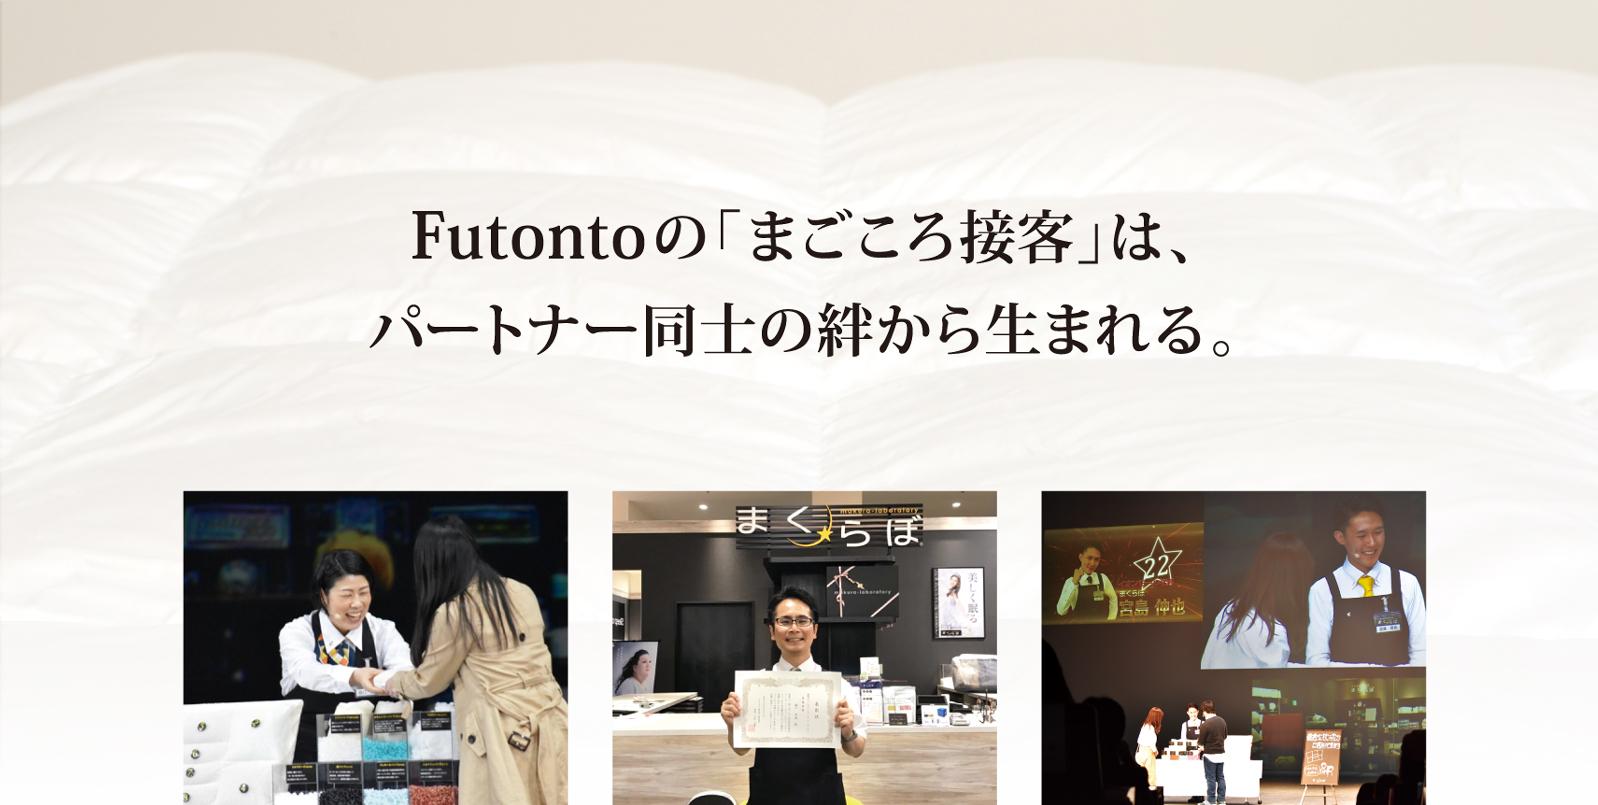 Futontoの「まごころ接客」は、パートナー同士の絆から生まれる。